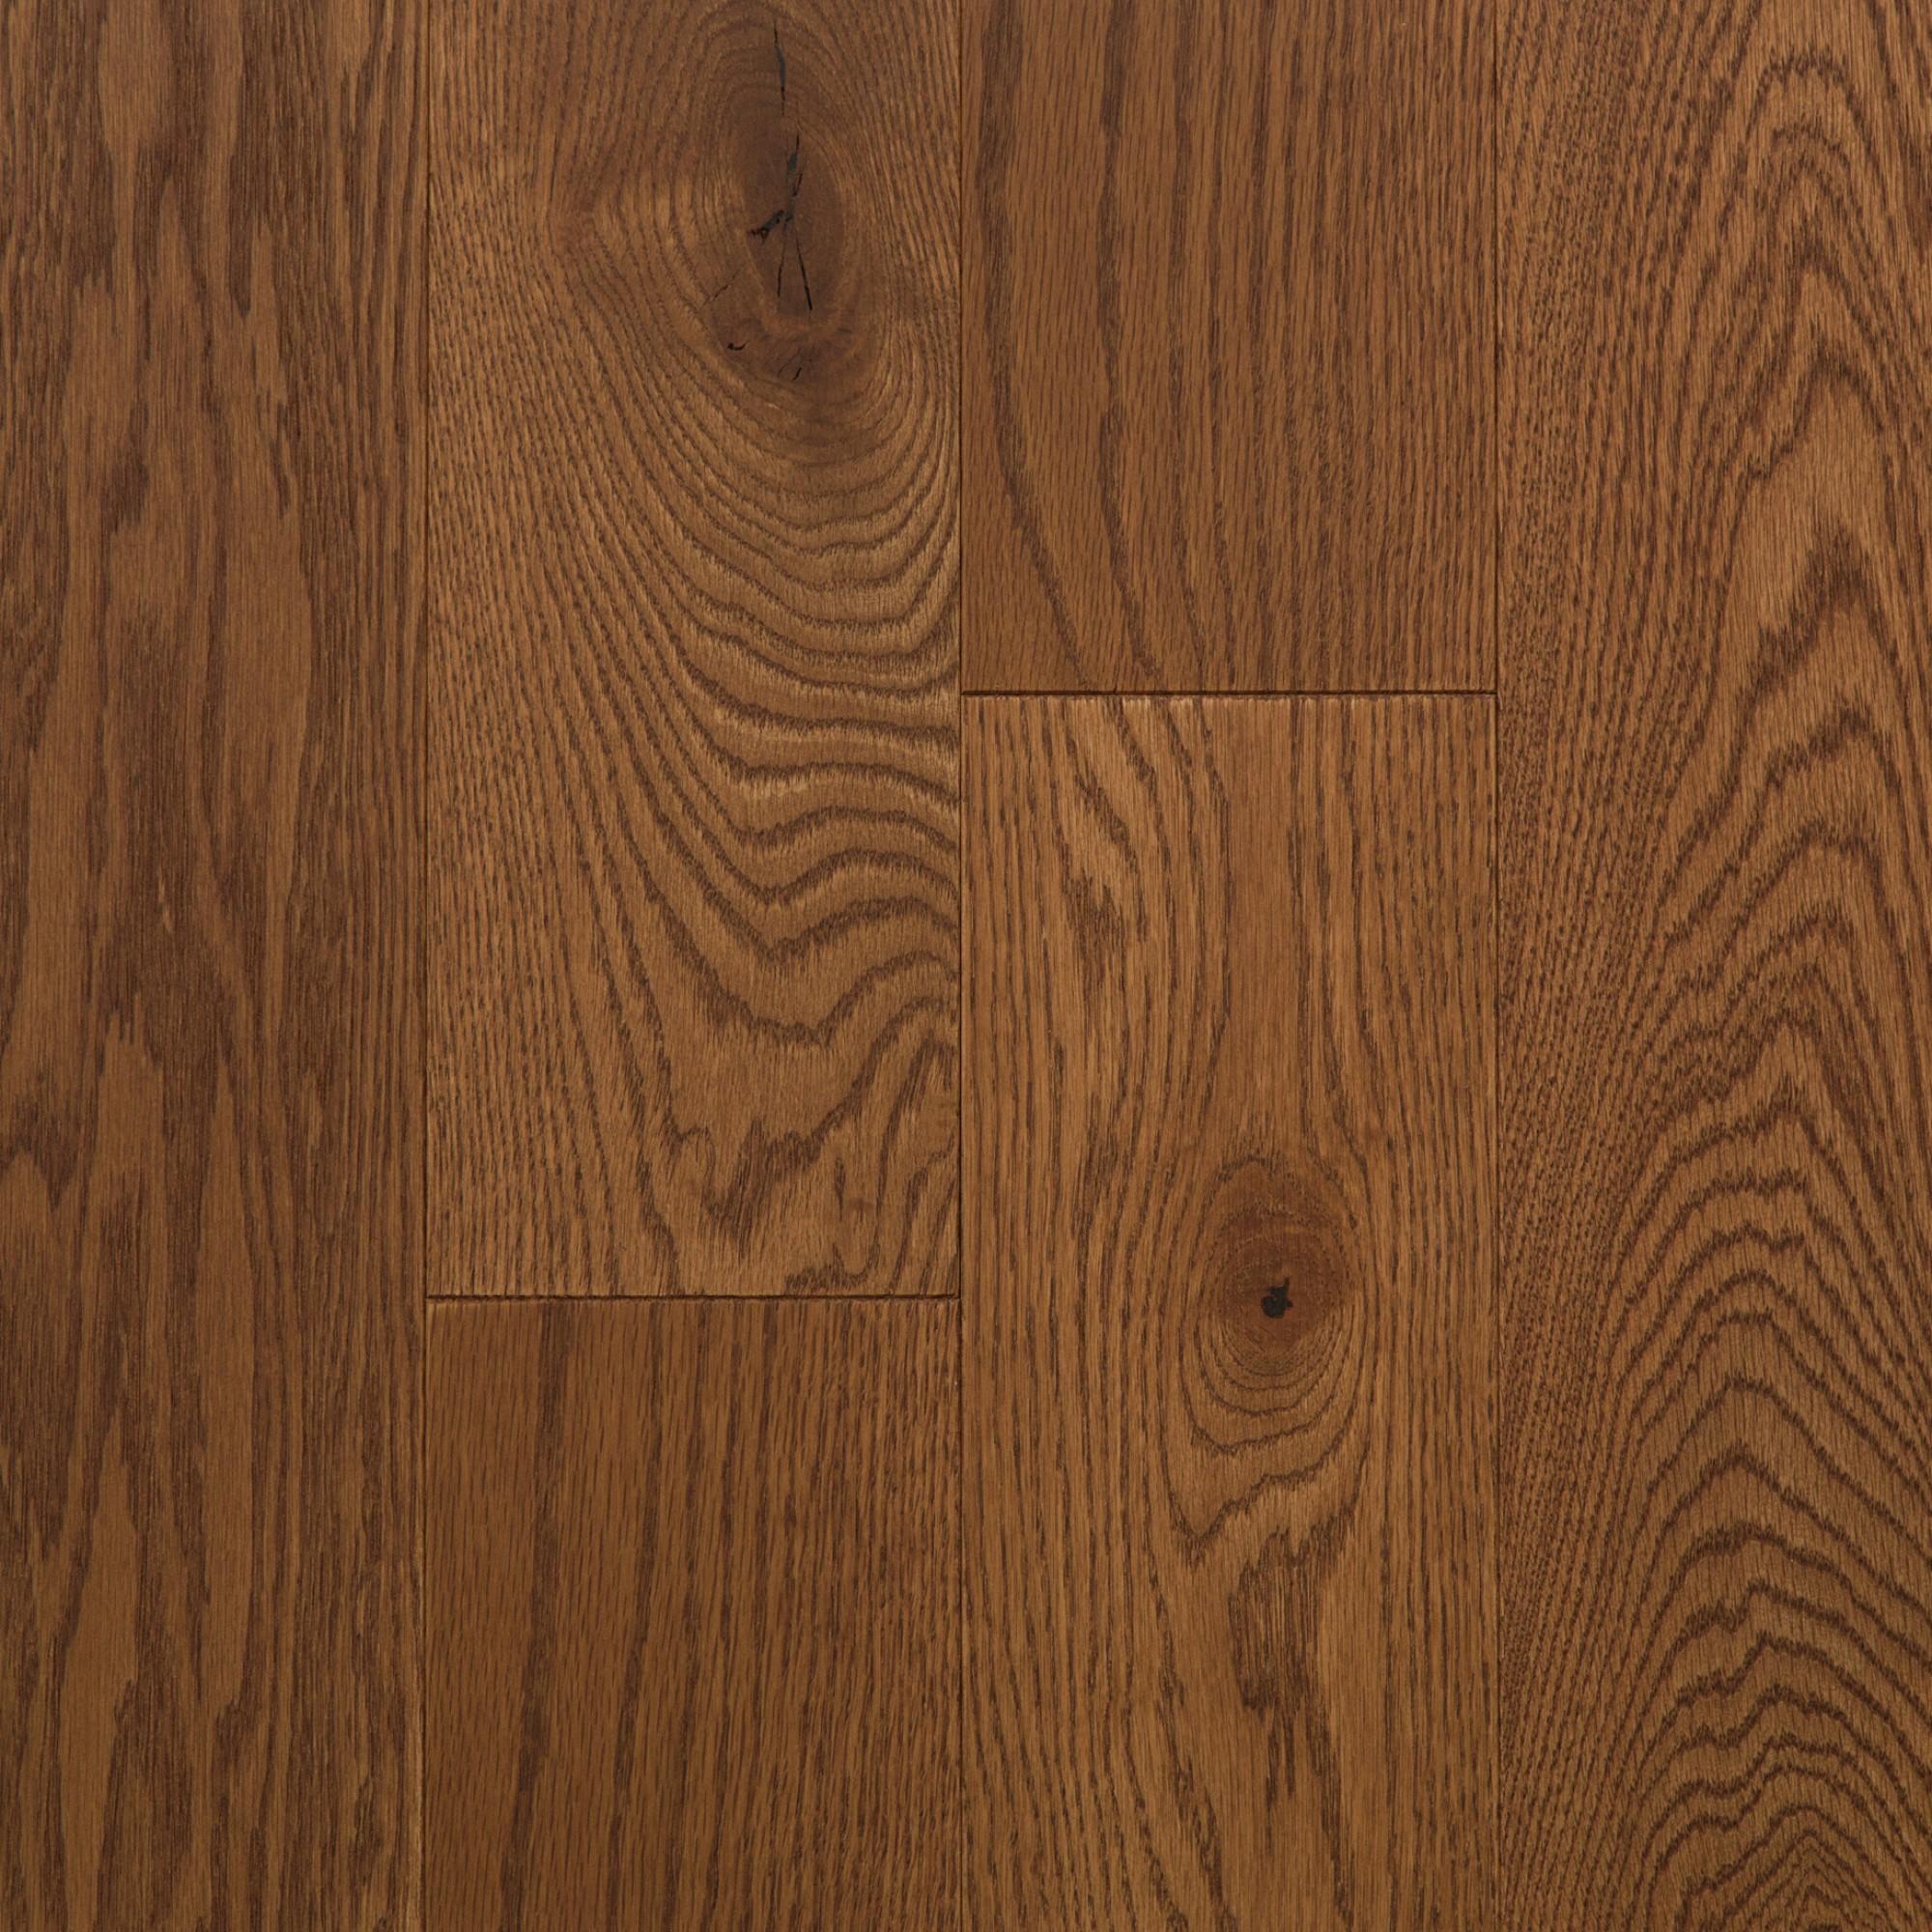 Wire Brushed Red Oak Kahlua Vintage Hardwood Flooring